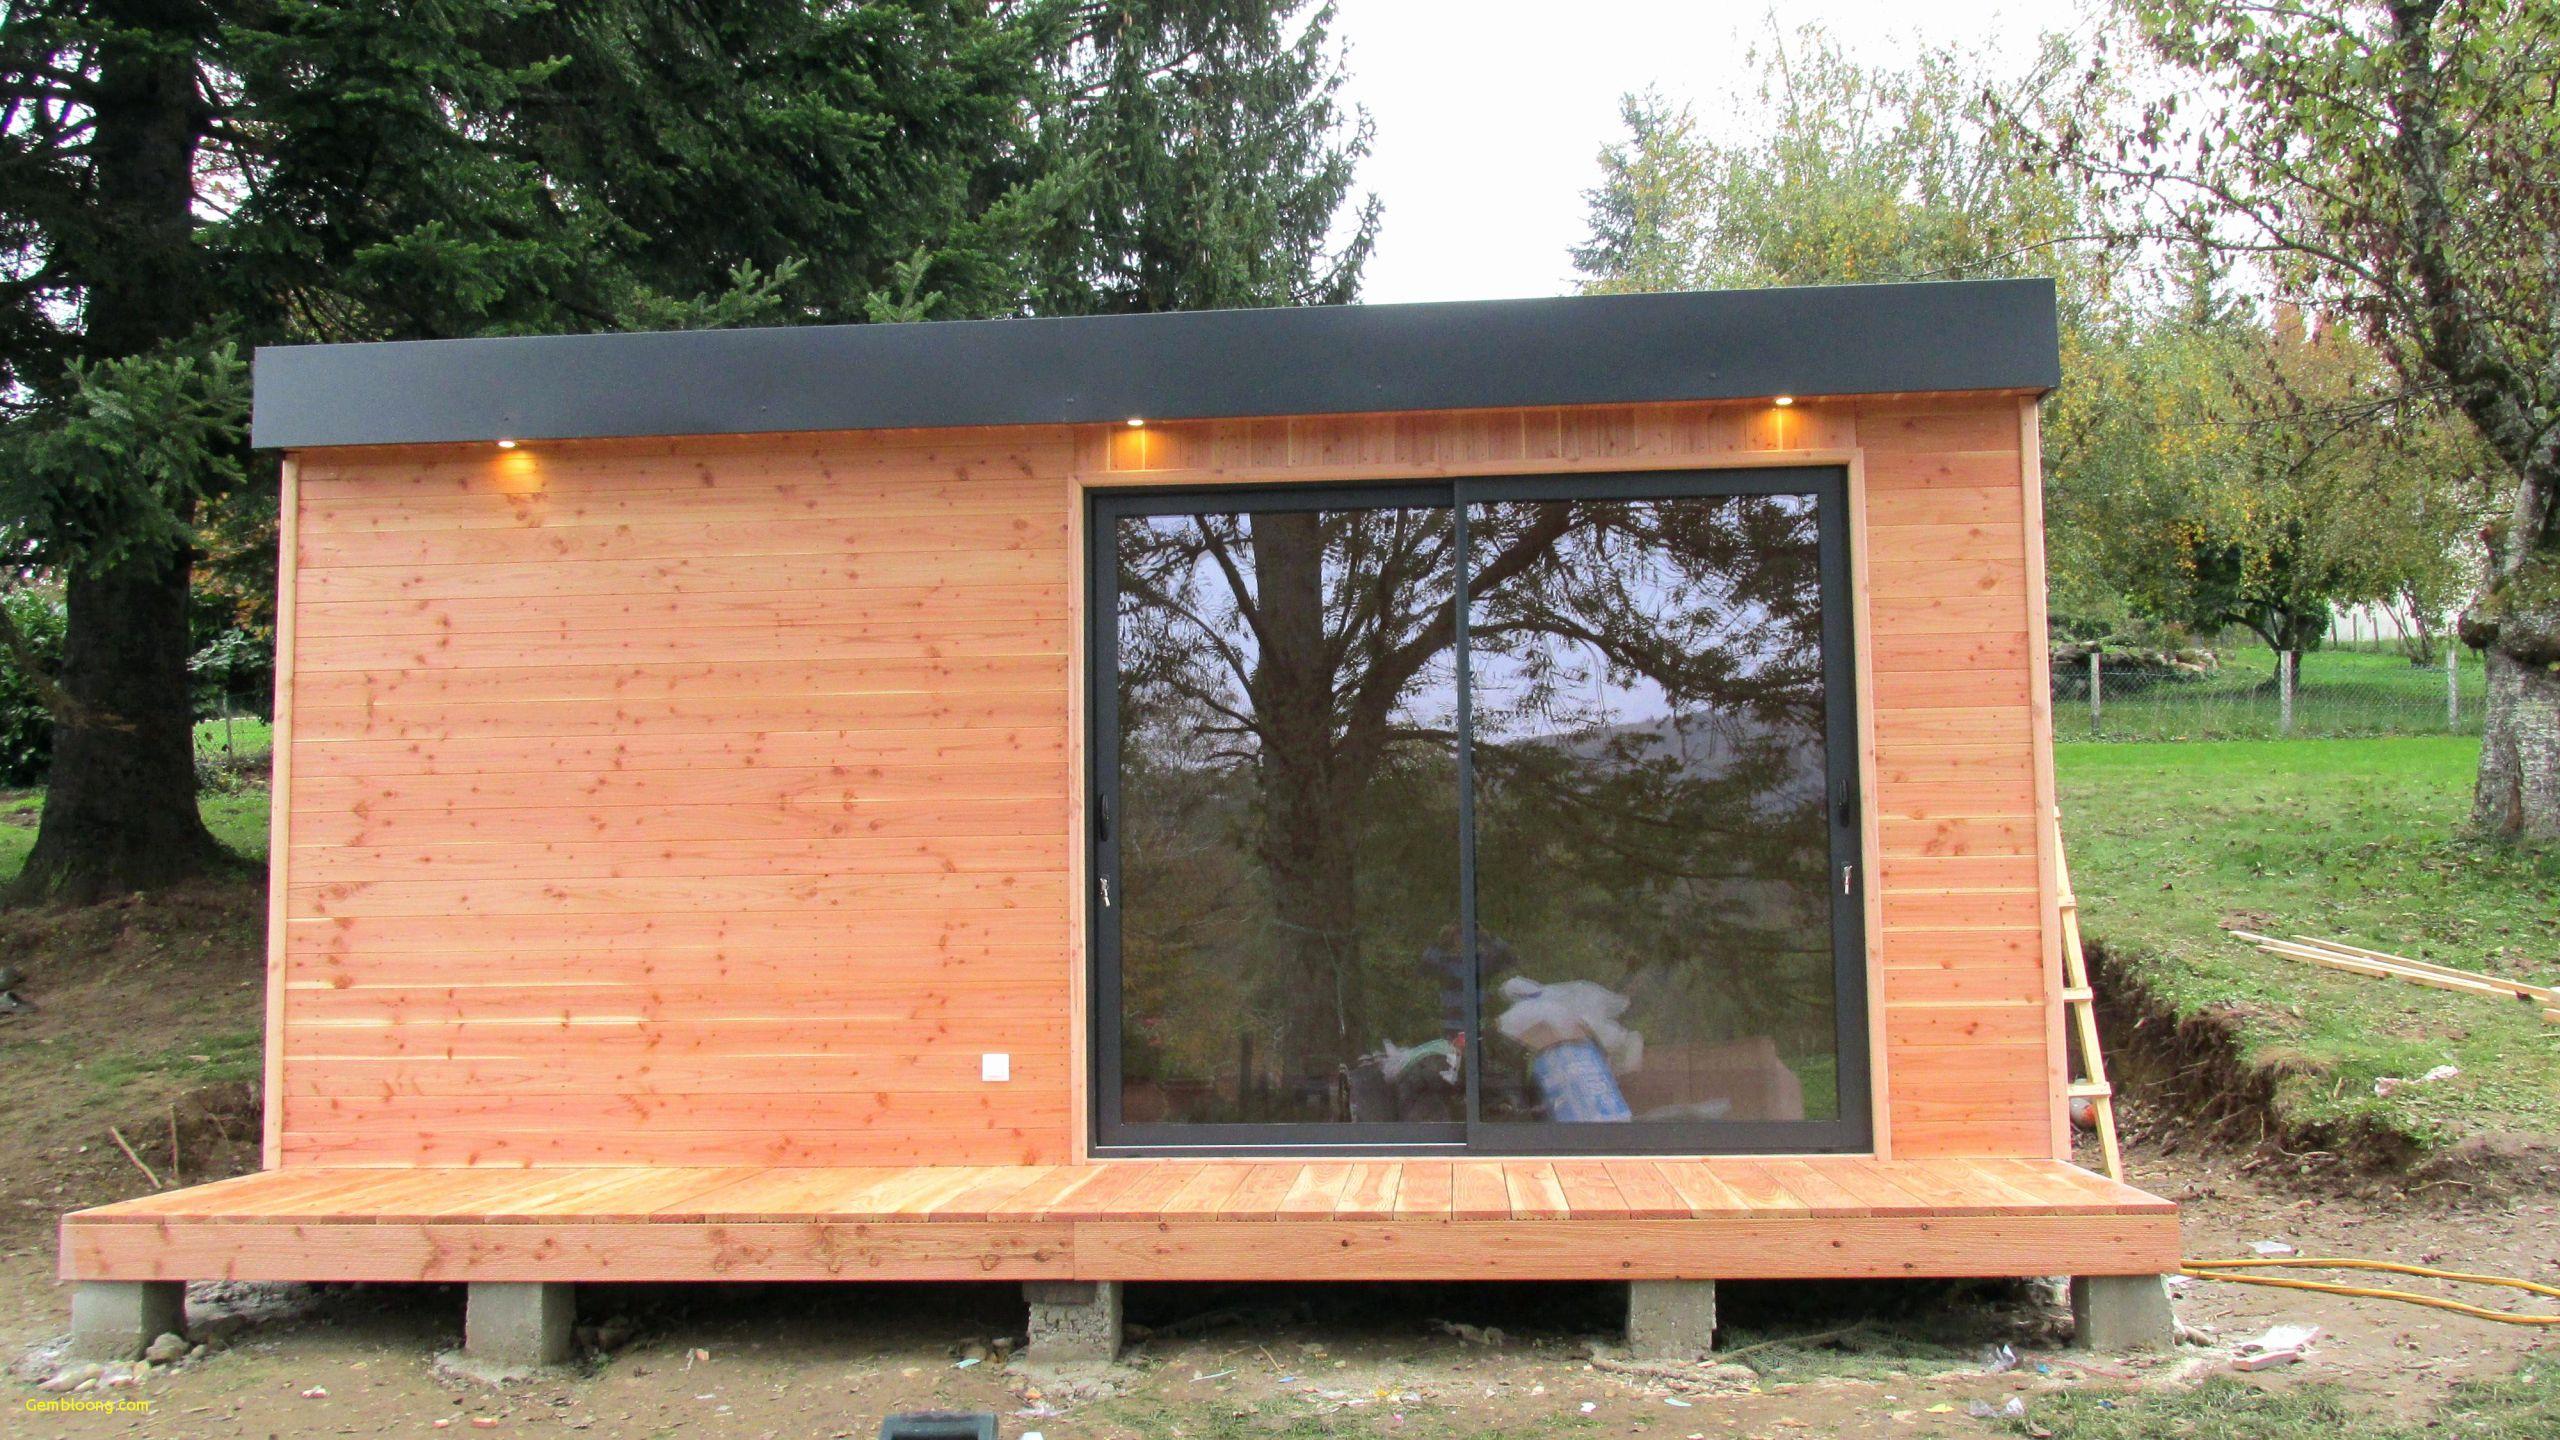 toiture abri de jardin brico depot beau toiture abri de jardin brico depot luxury fenetre de toit brico of toiture abri de jardin brico depot 1